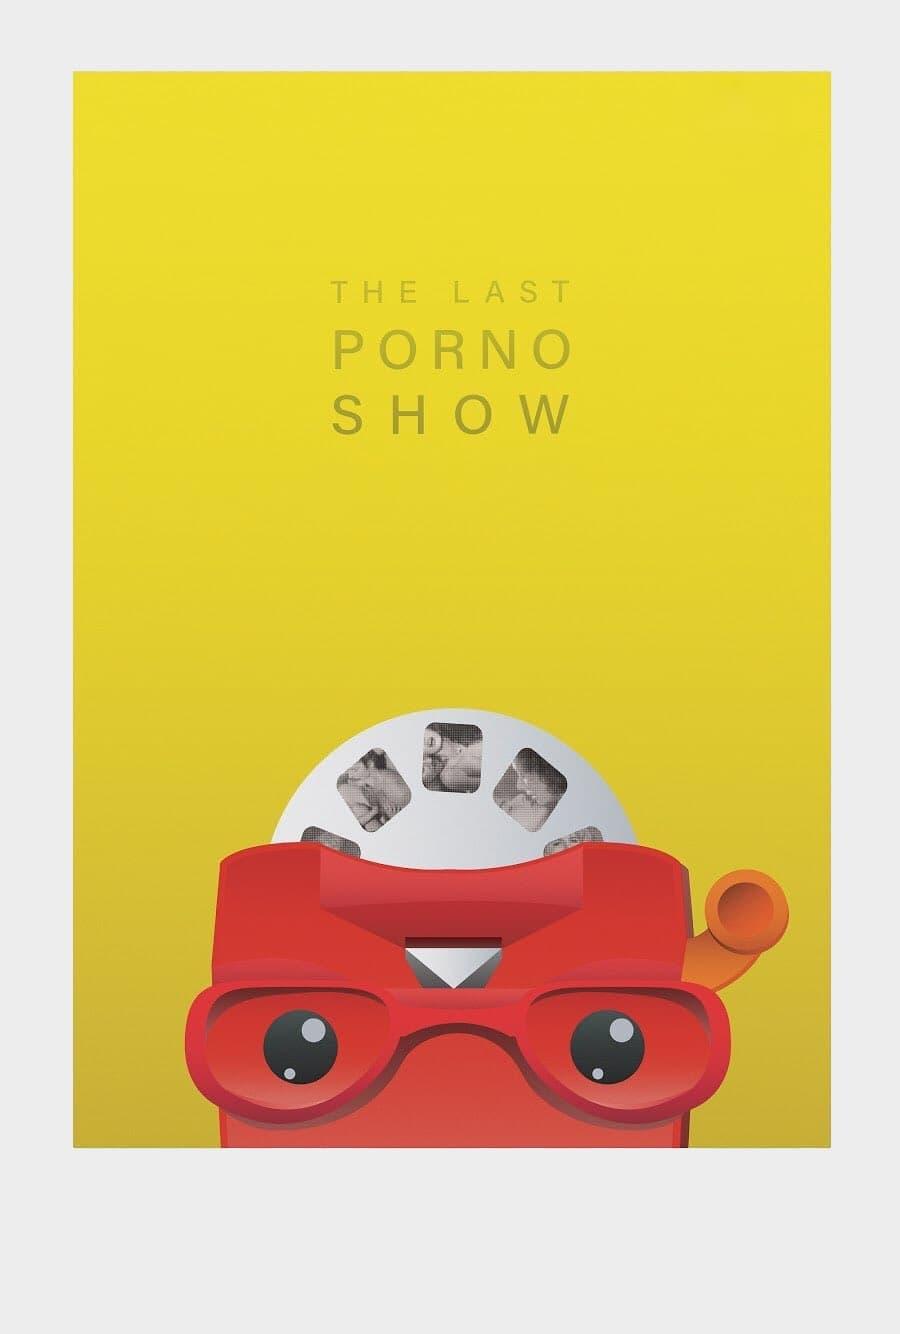 The Last Porno Show